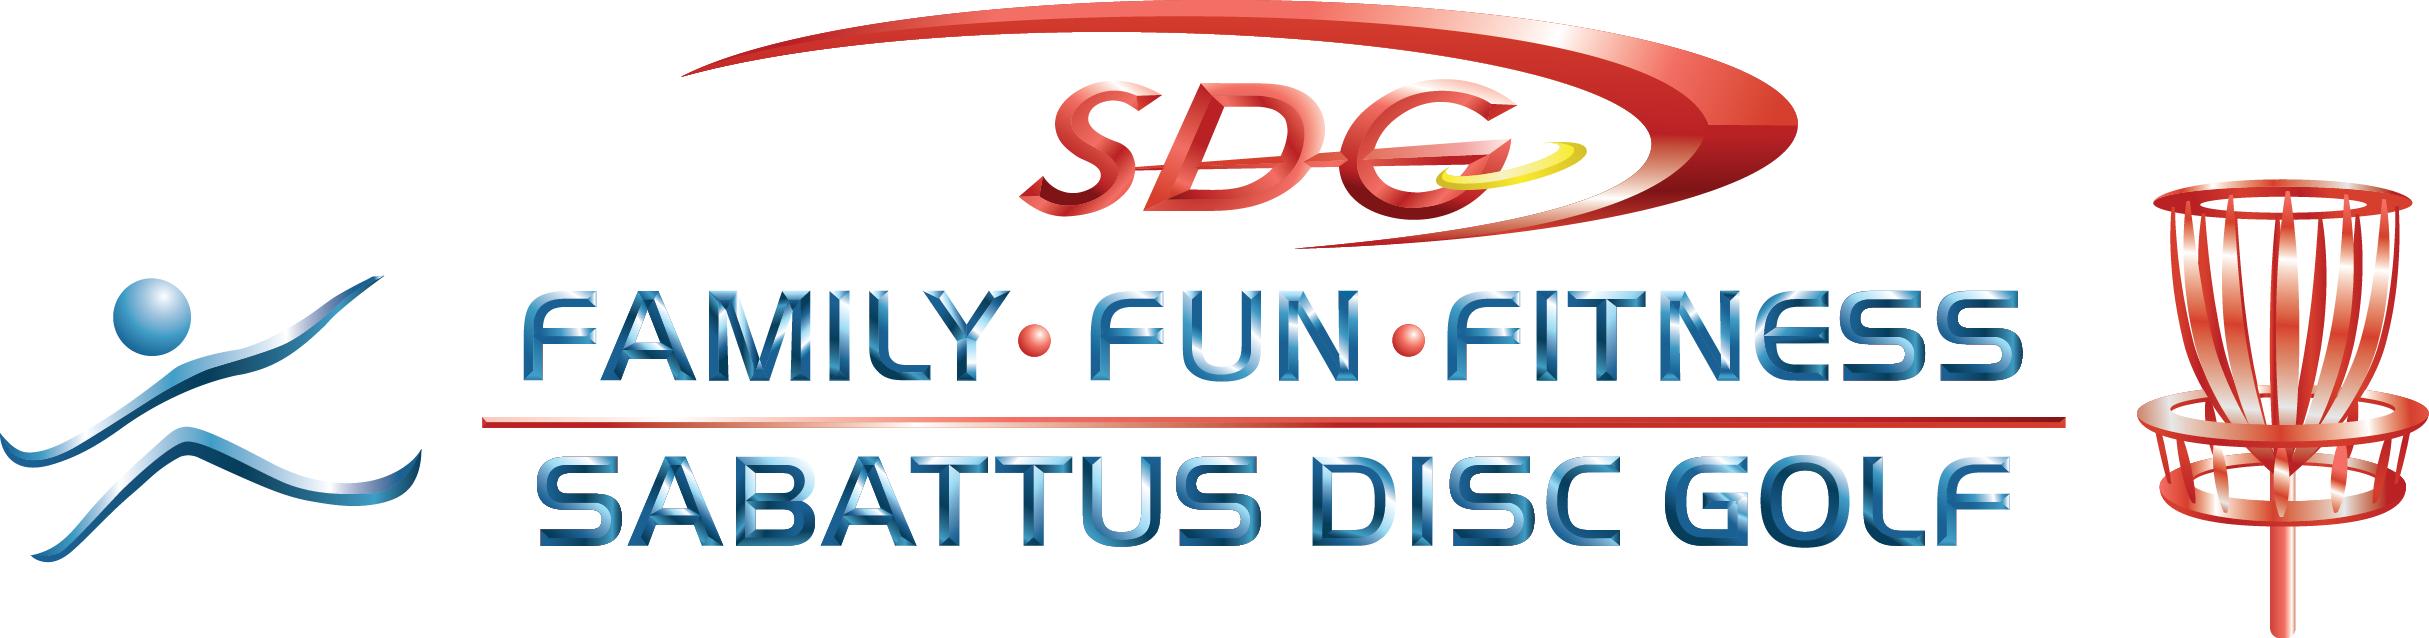 Sabattus Disc Golf